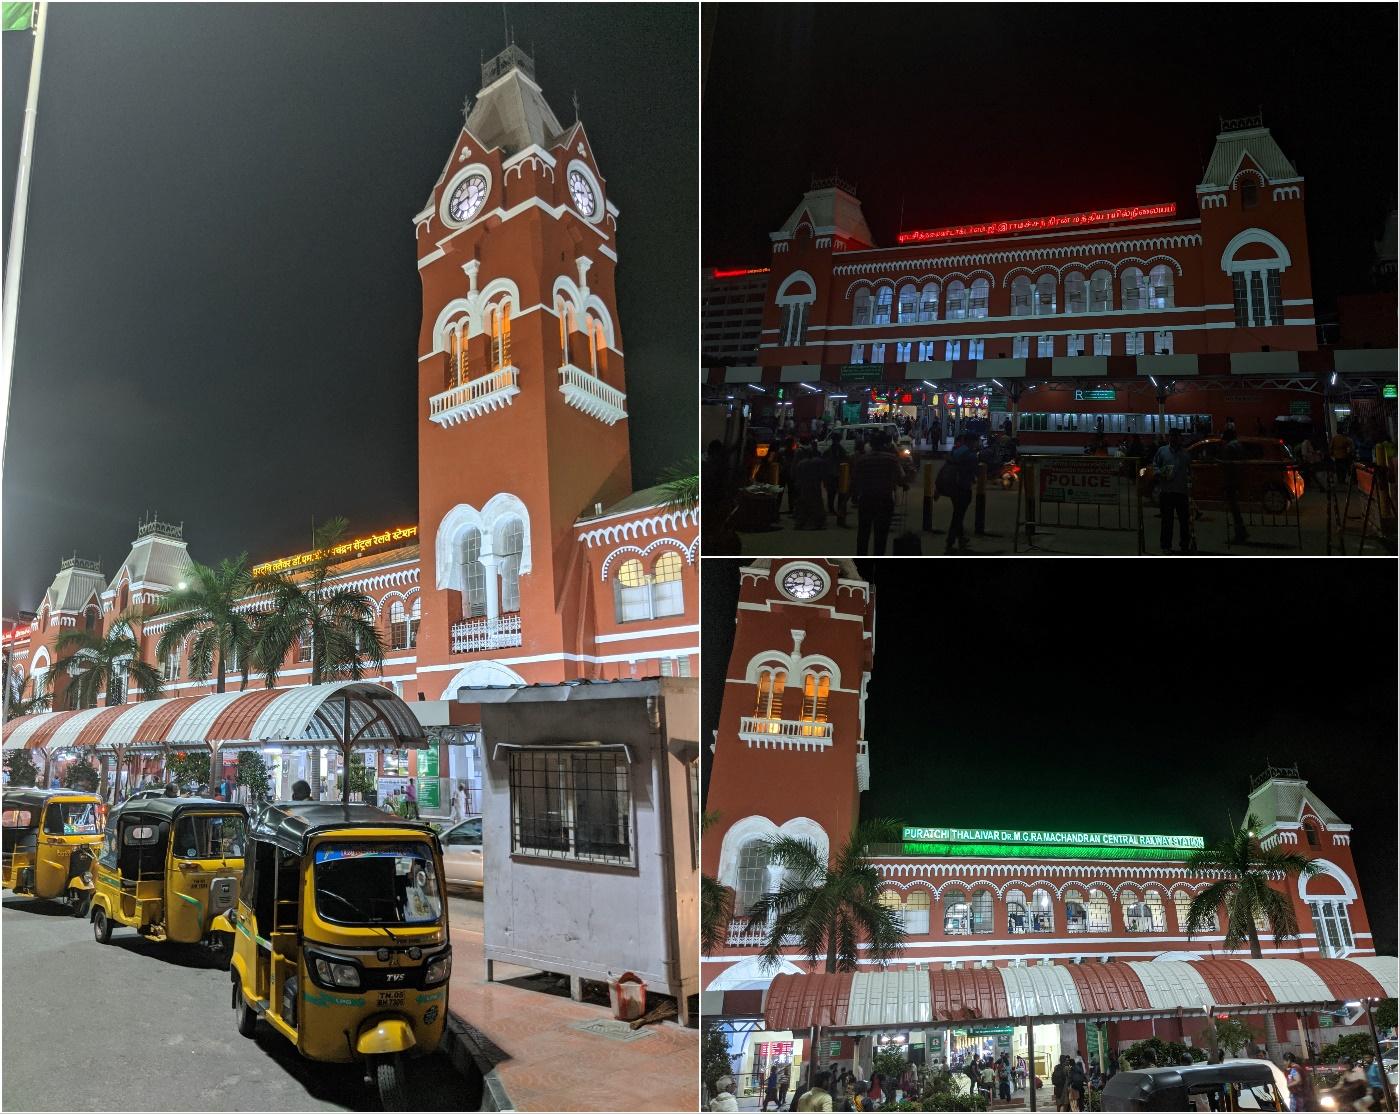 புரட்சித் தலைவர் டாக்டர் எம் ஜி இராமச்சந்திரன் மத்திய ரயில் நிலையம் [Puratchi Thalaivar Dr M G Ramachandran Central Railway Station]